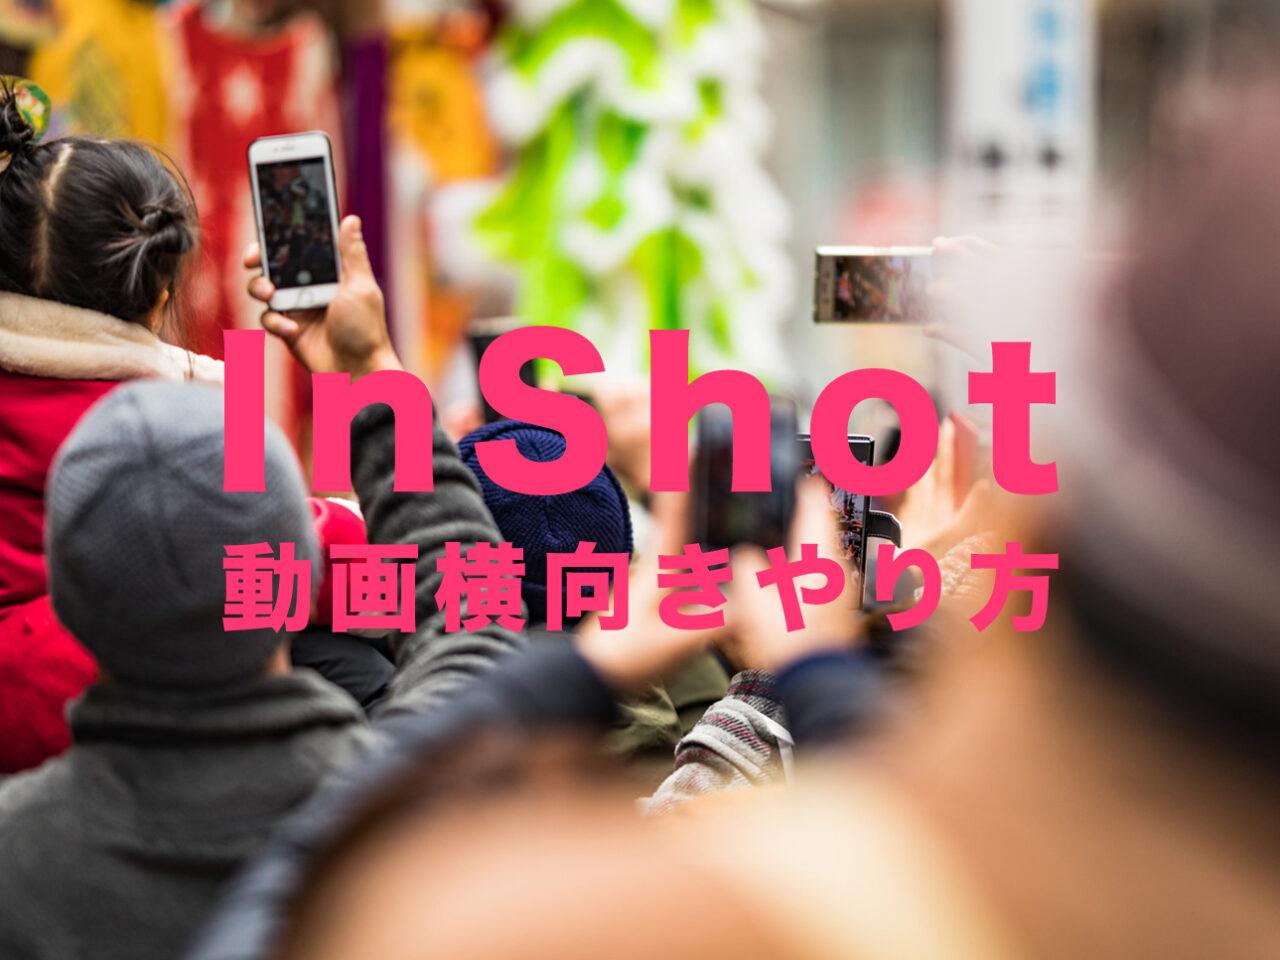 InShot(インショット)で動画の比率を横向きにしてYouTube等に合わせるには?のサムネイル画像